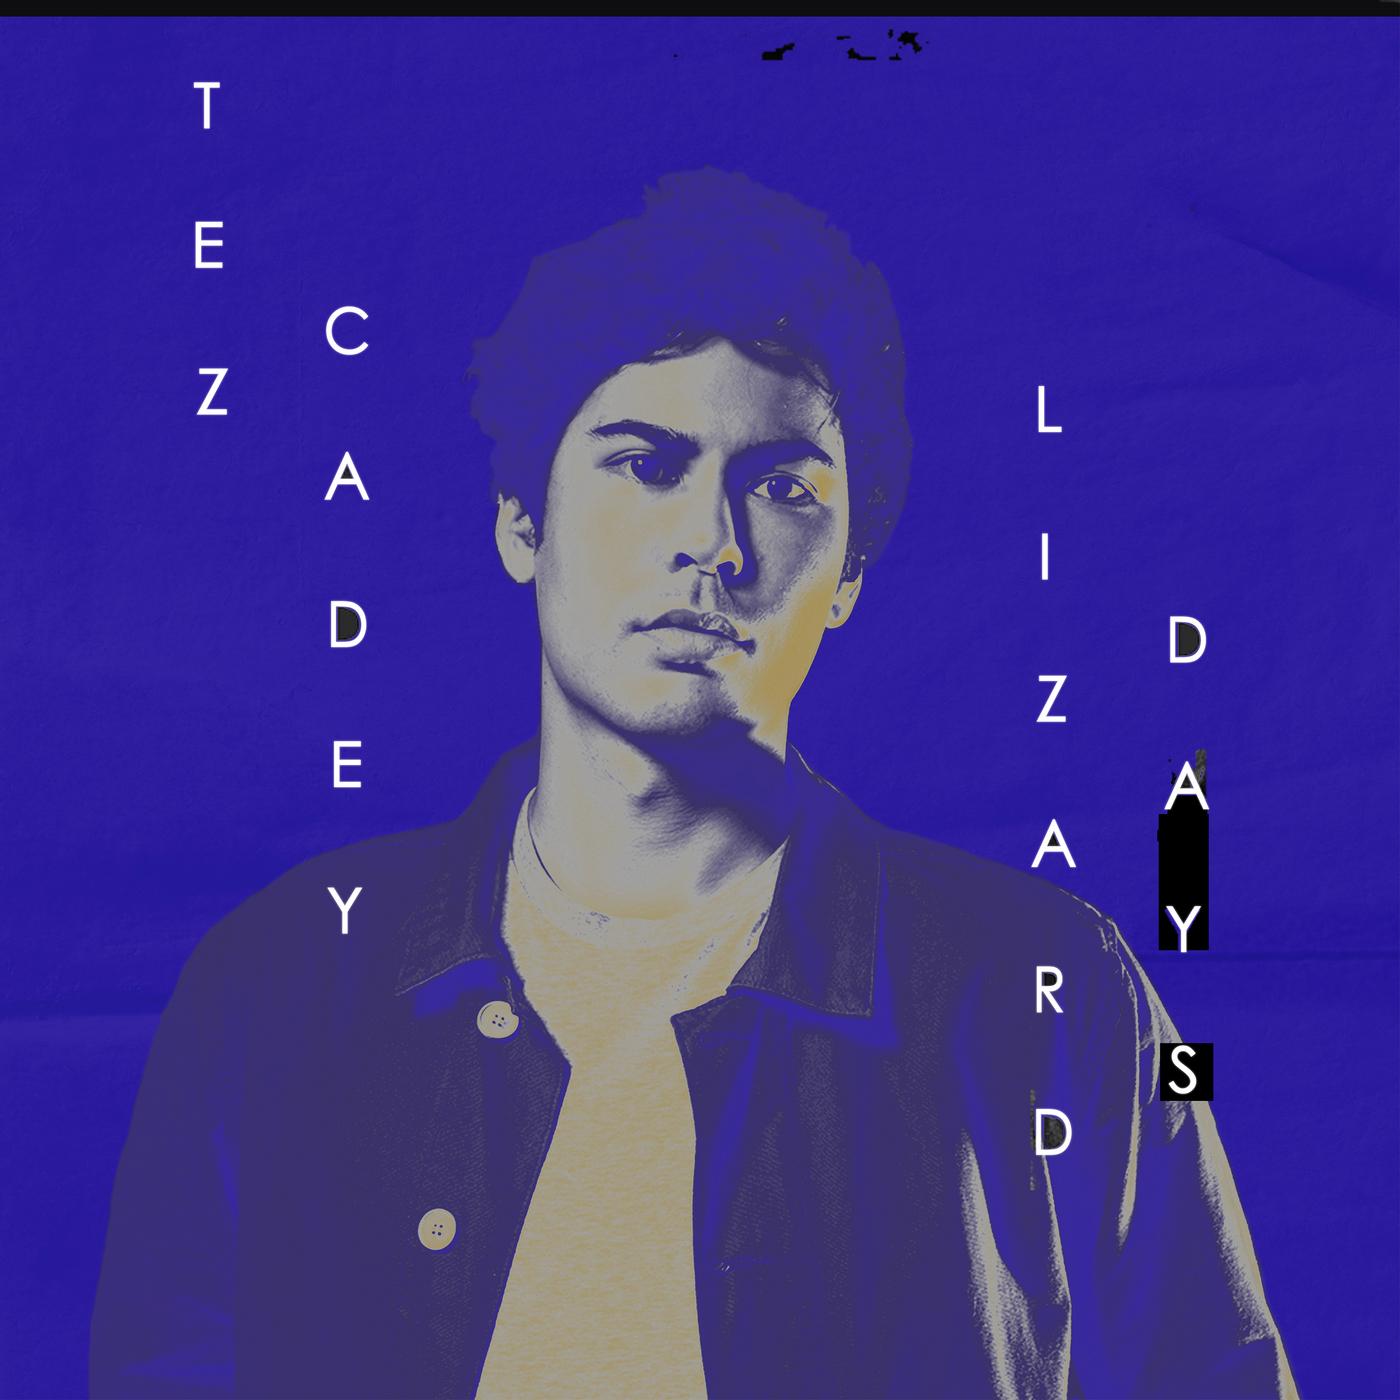 Lizard Days - Tez Cadey